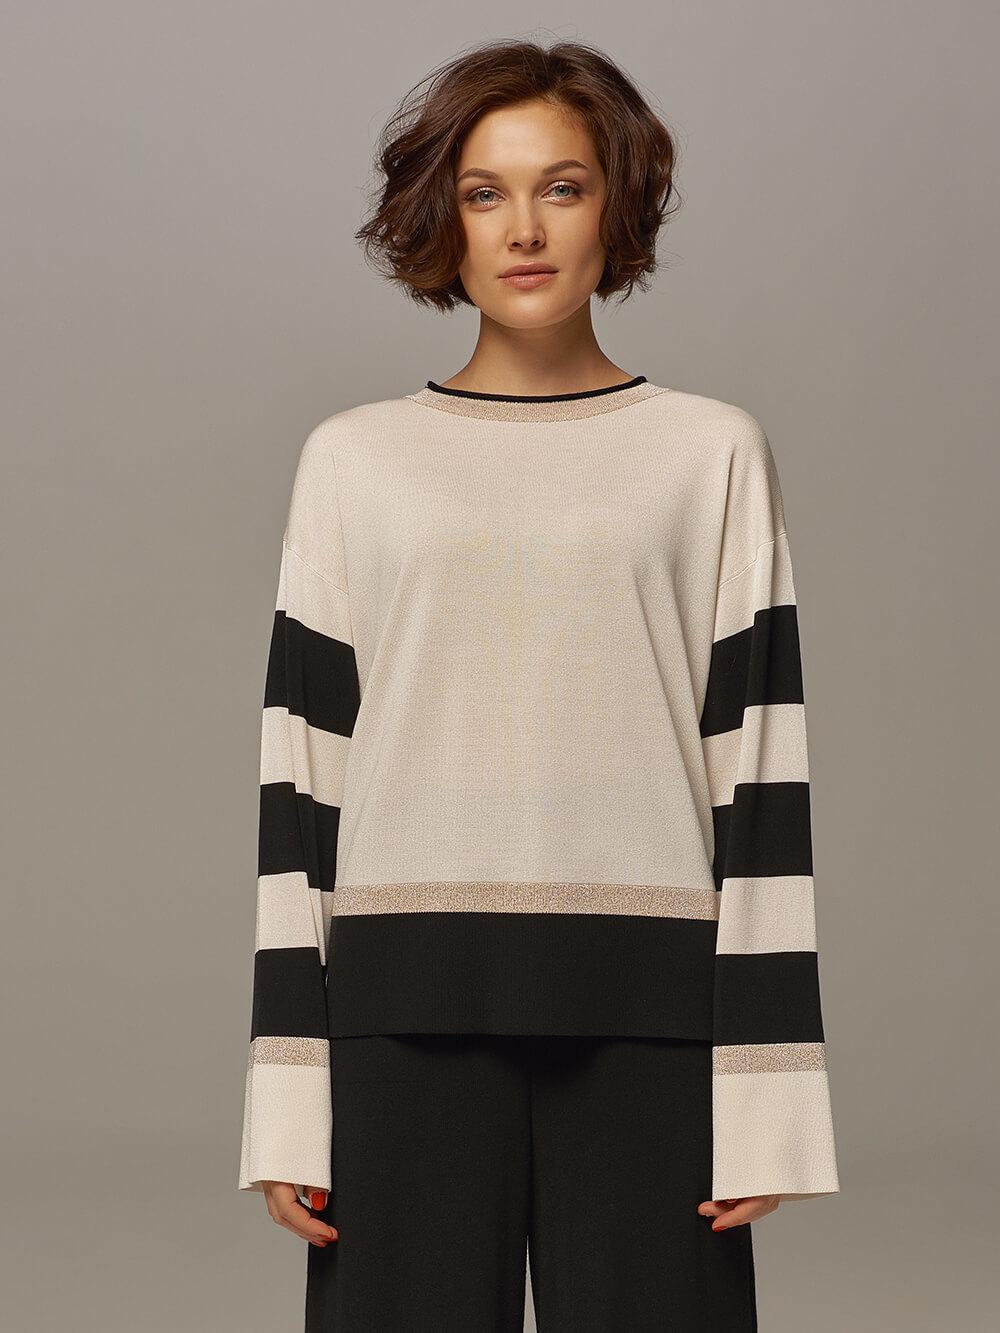 Женский джемпер белого цвета с контрастными черными вставками - фото 1